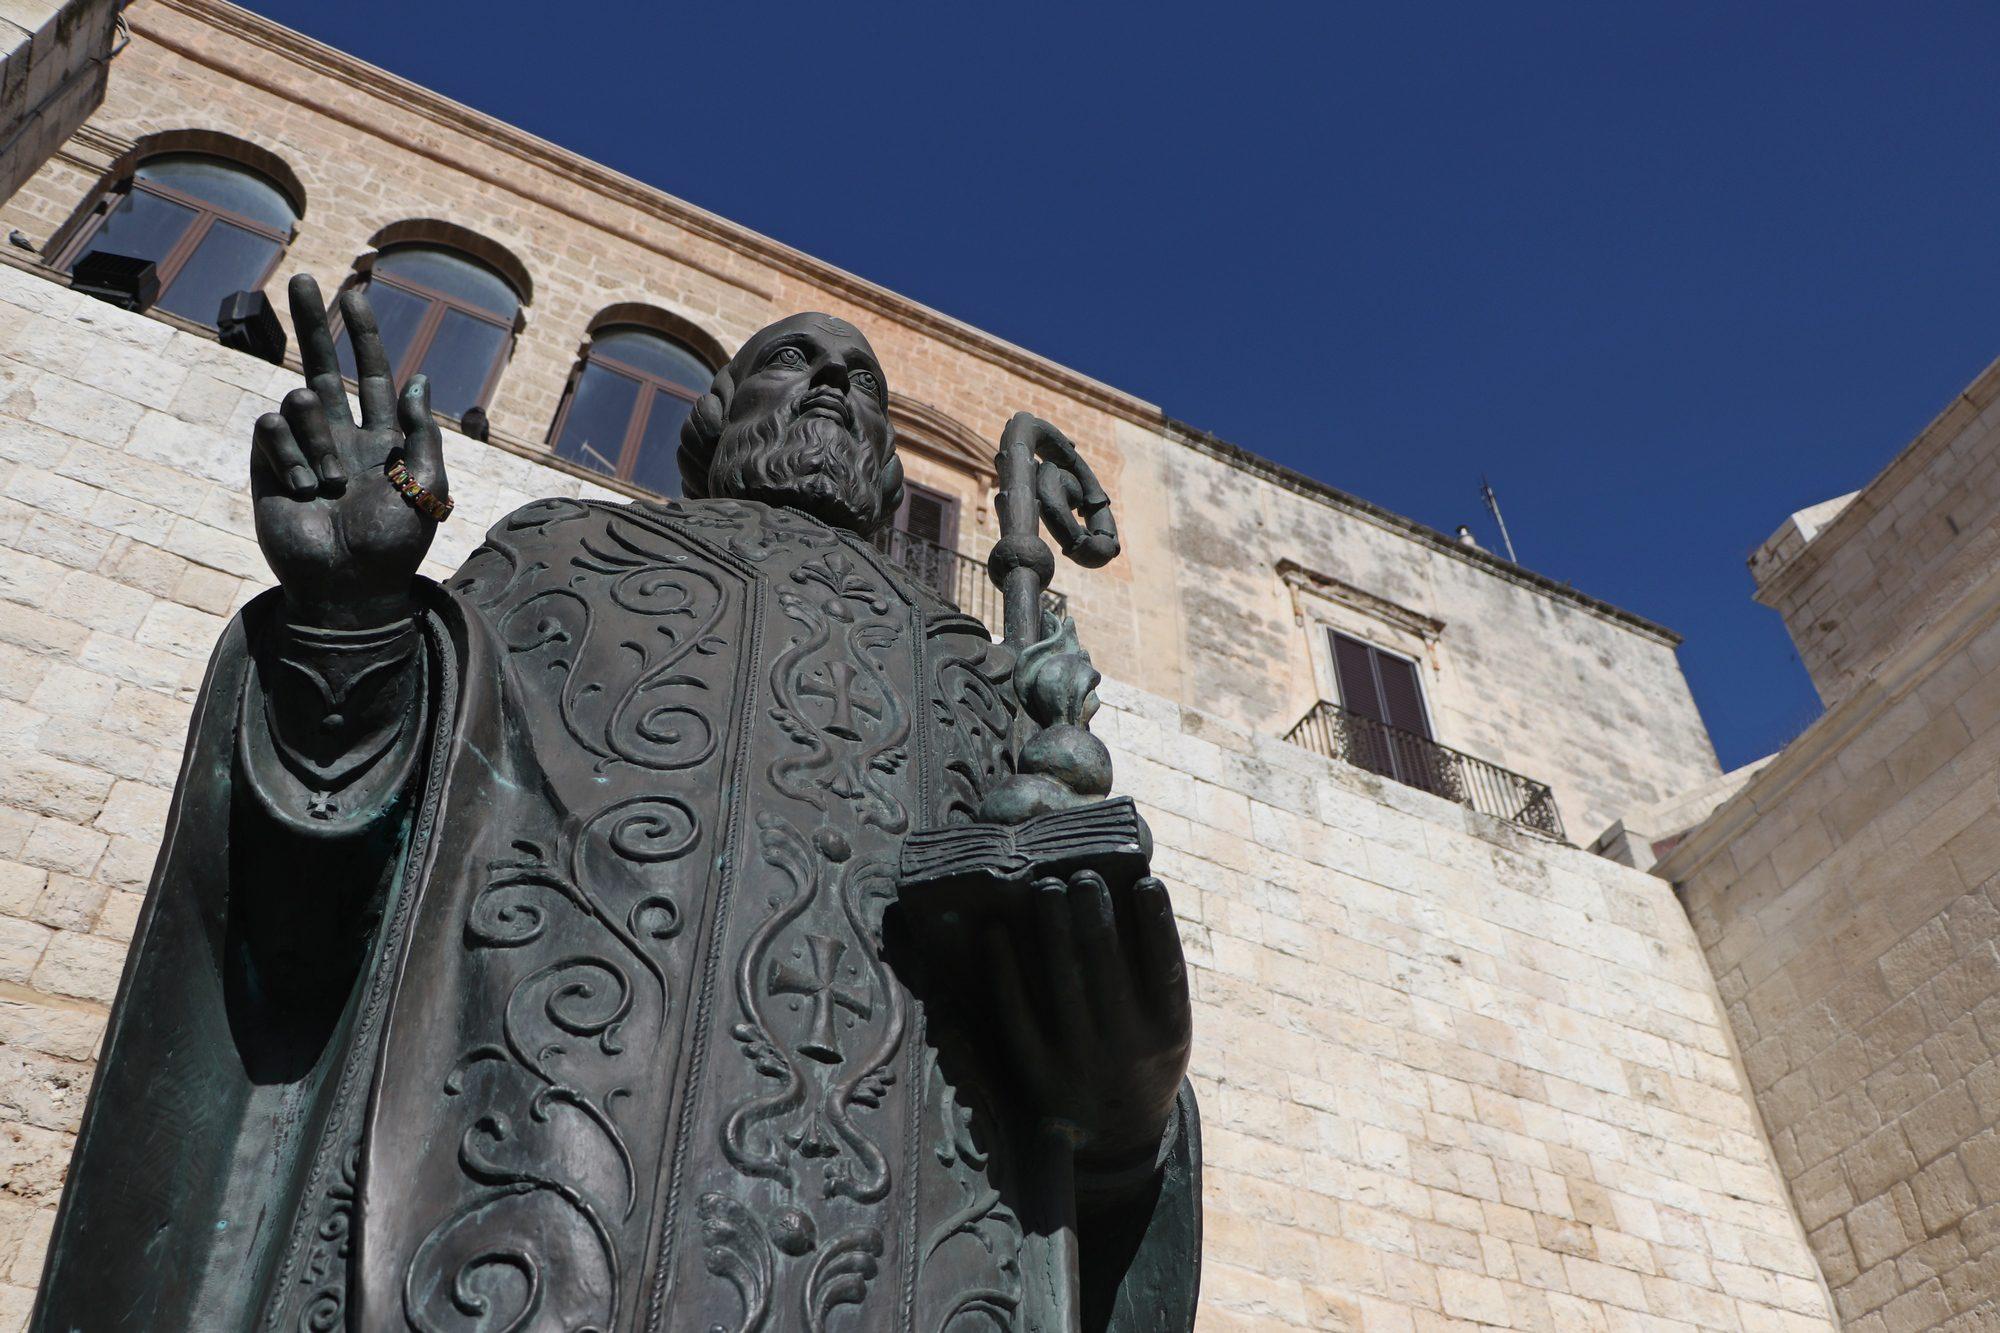 Statue des heiligen Nikolaus in der Altstadt von Bari